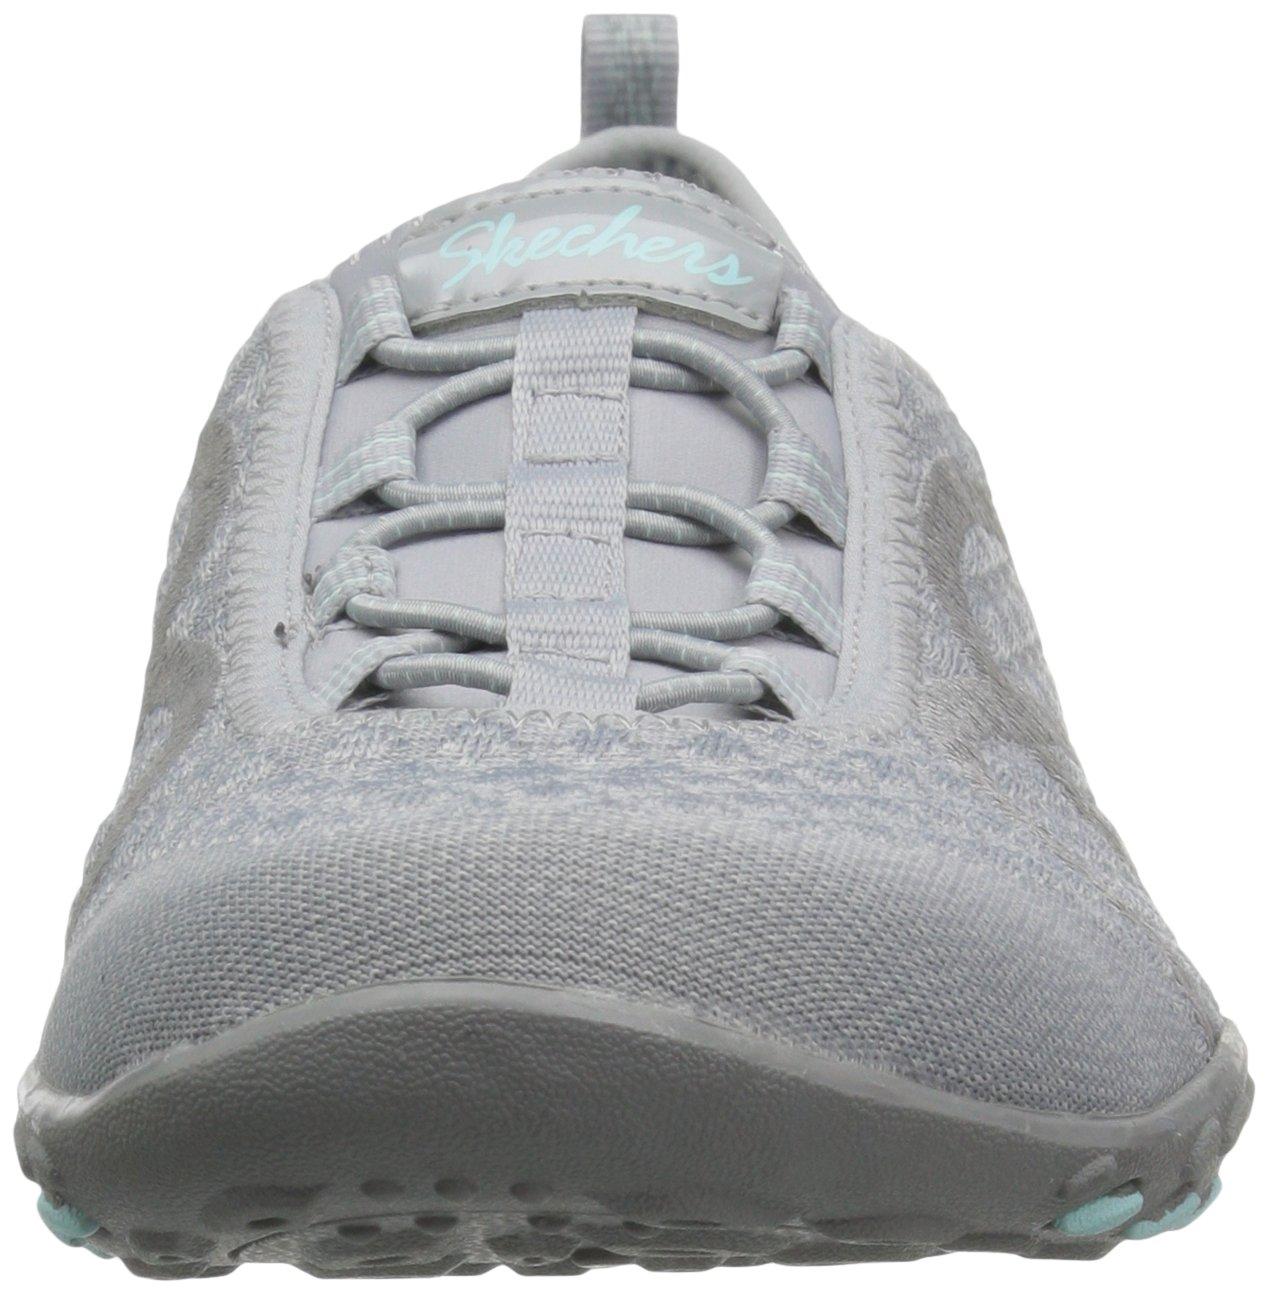 Skechers Sport Women's Breathe Easy Fortune Fashion Sneaker,Grey Knit,5.5 M US by Skechers (Image #4)